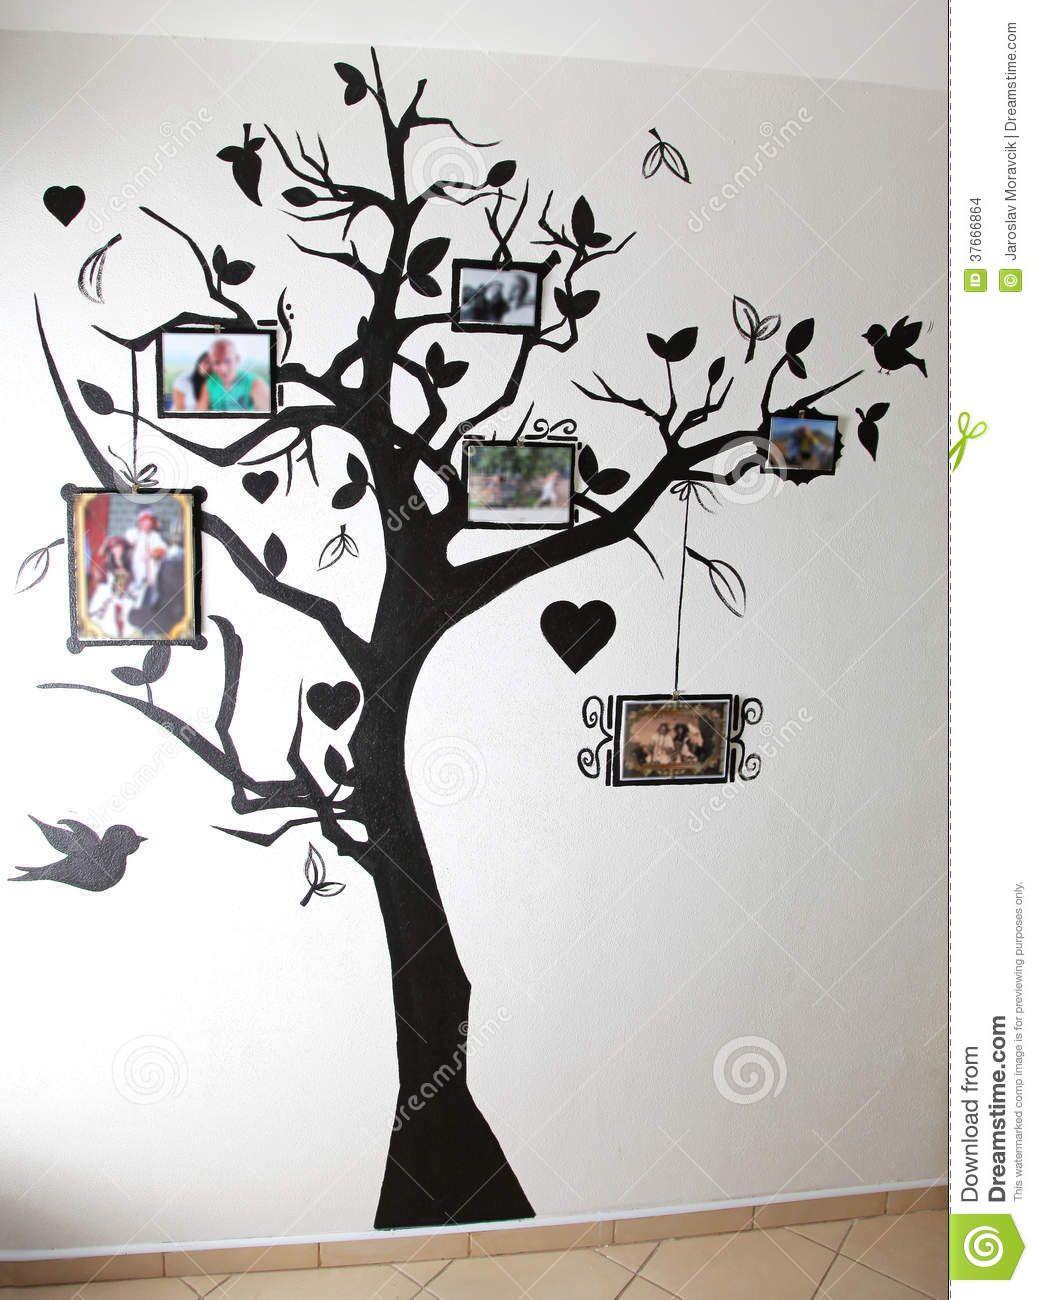 Arbol sencillo con fotos decoraciOn para el hogar pinterest painted tree on wall by jaroslav moravcik via dreamstime